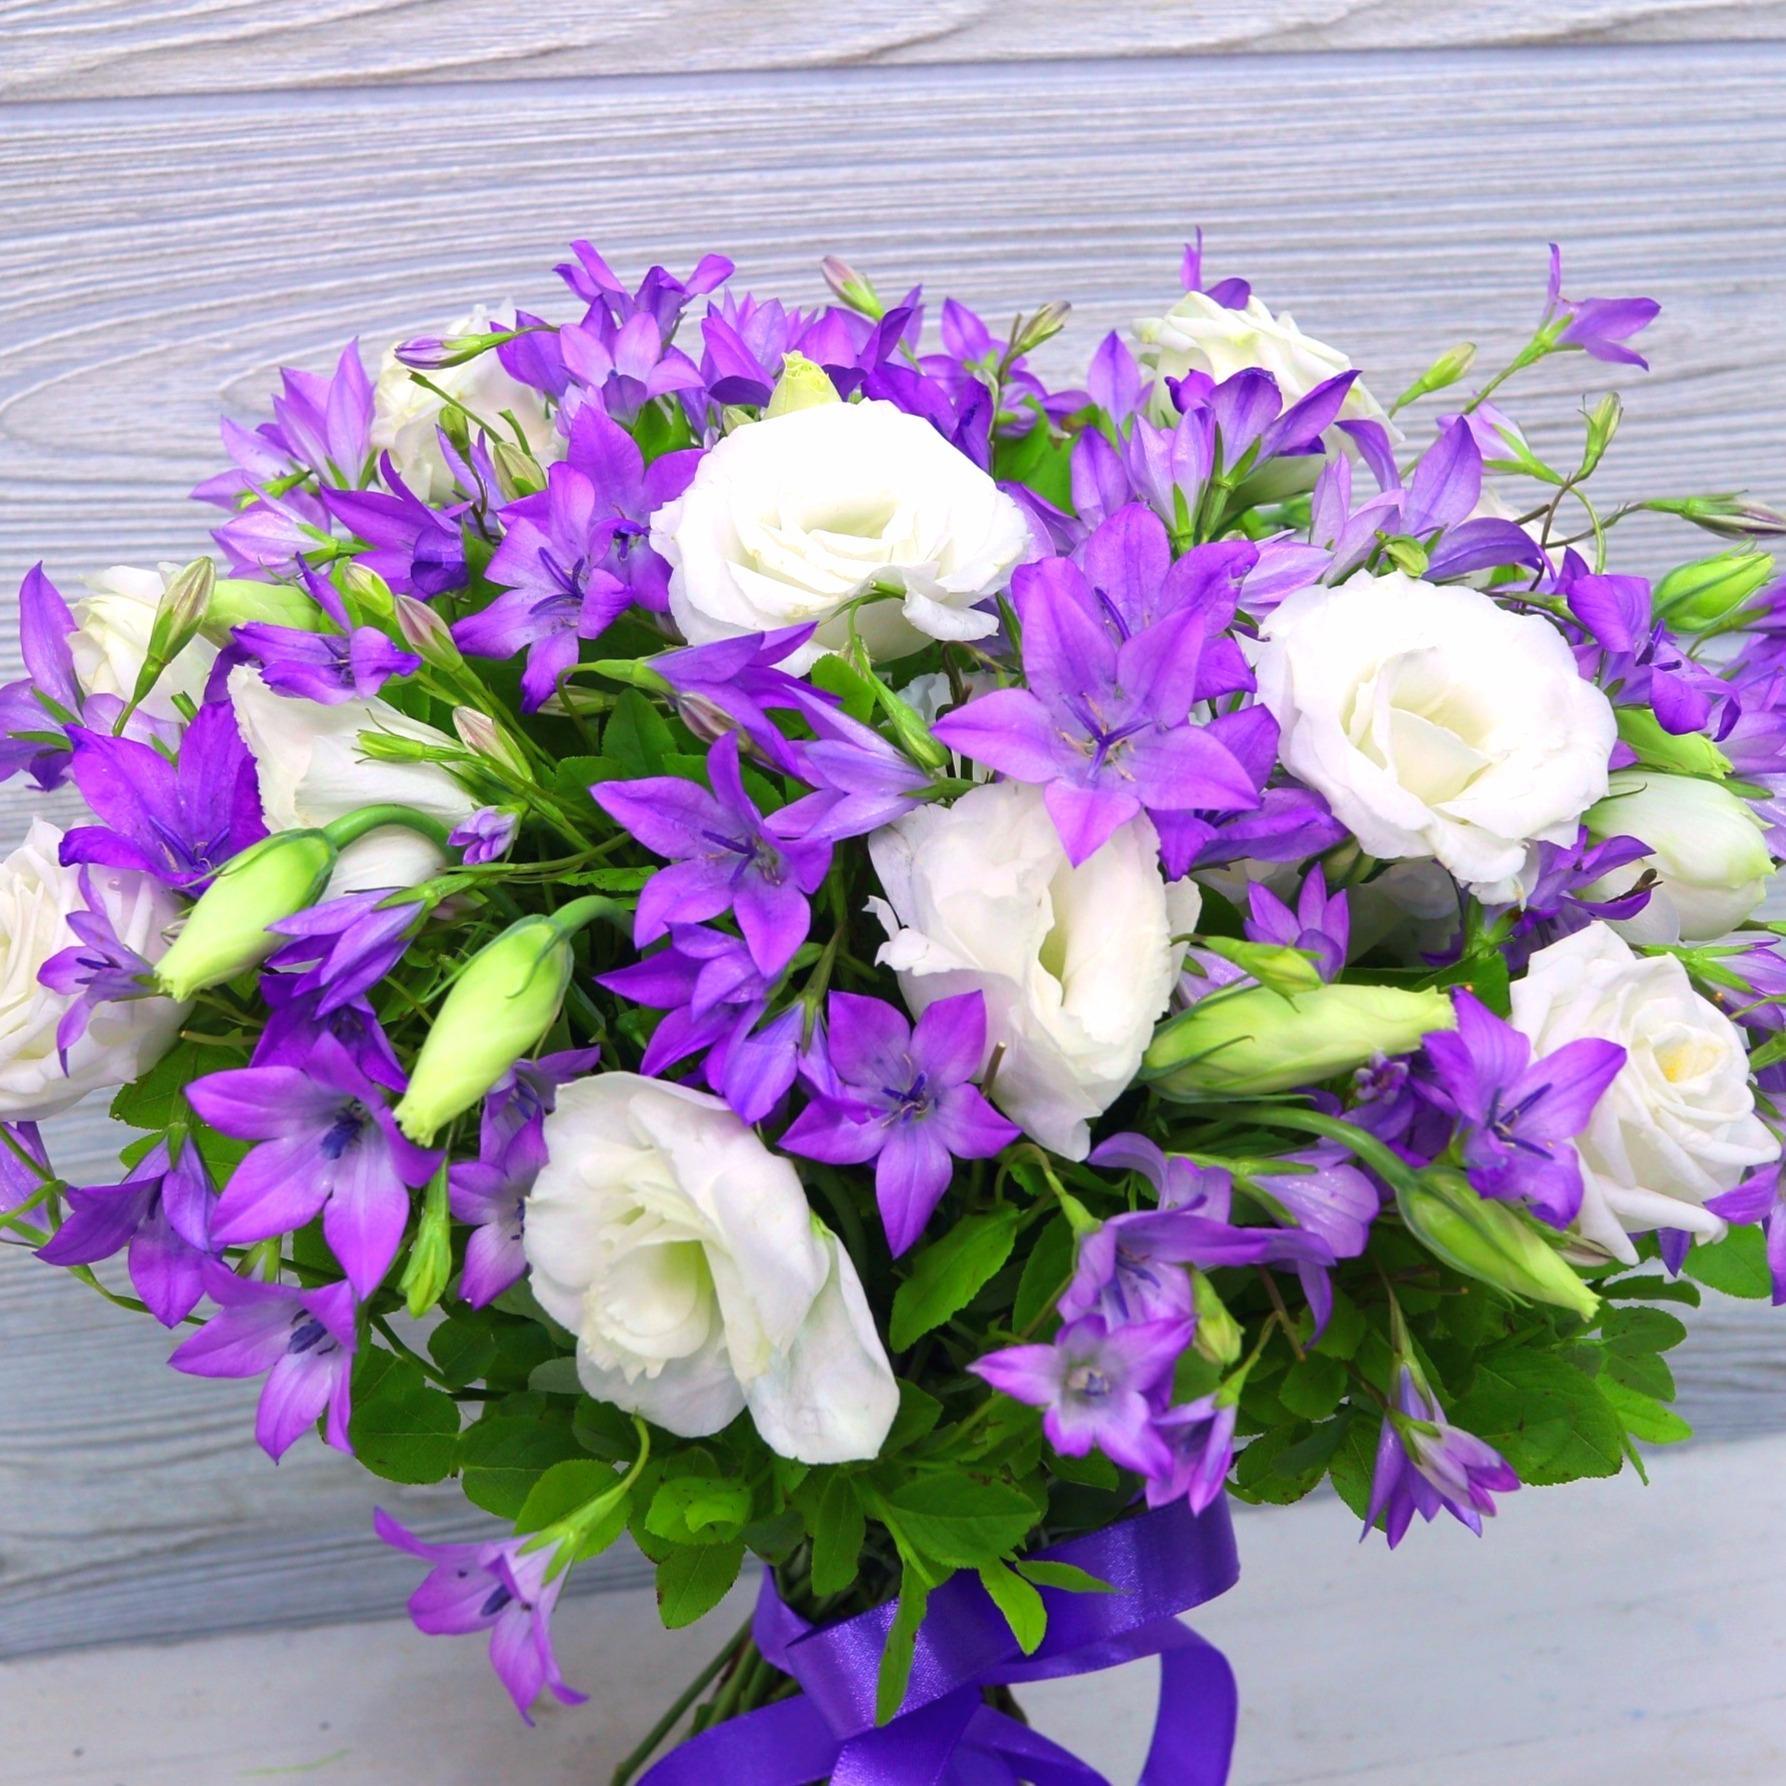 25 цветов в букете колокольчики, цветы комнатные